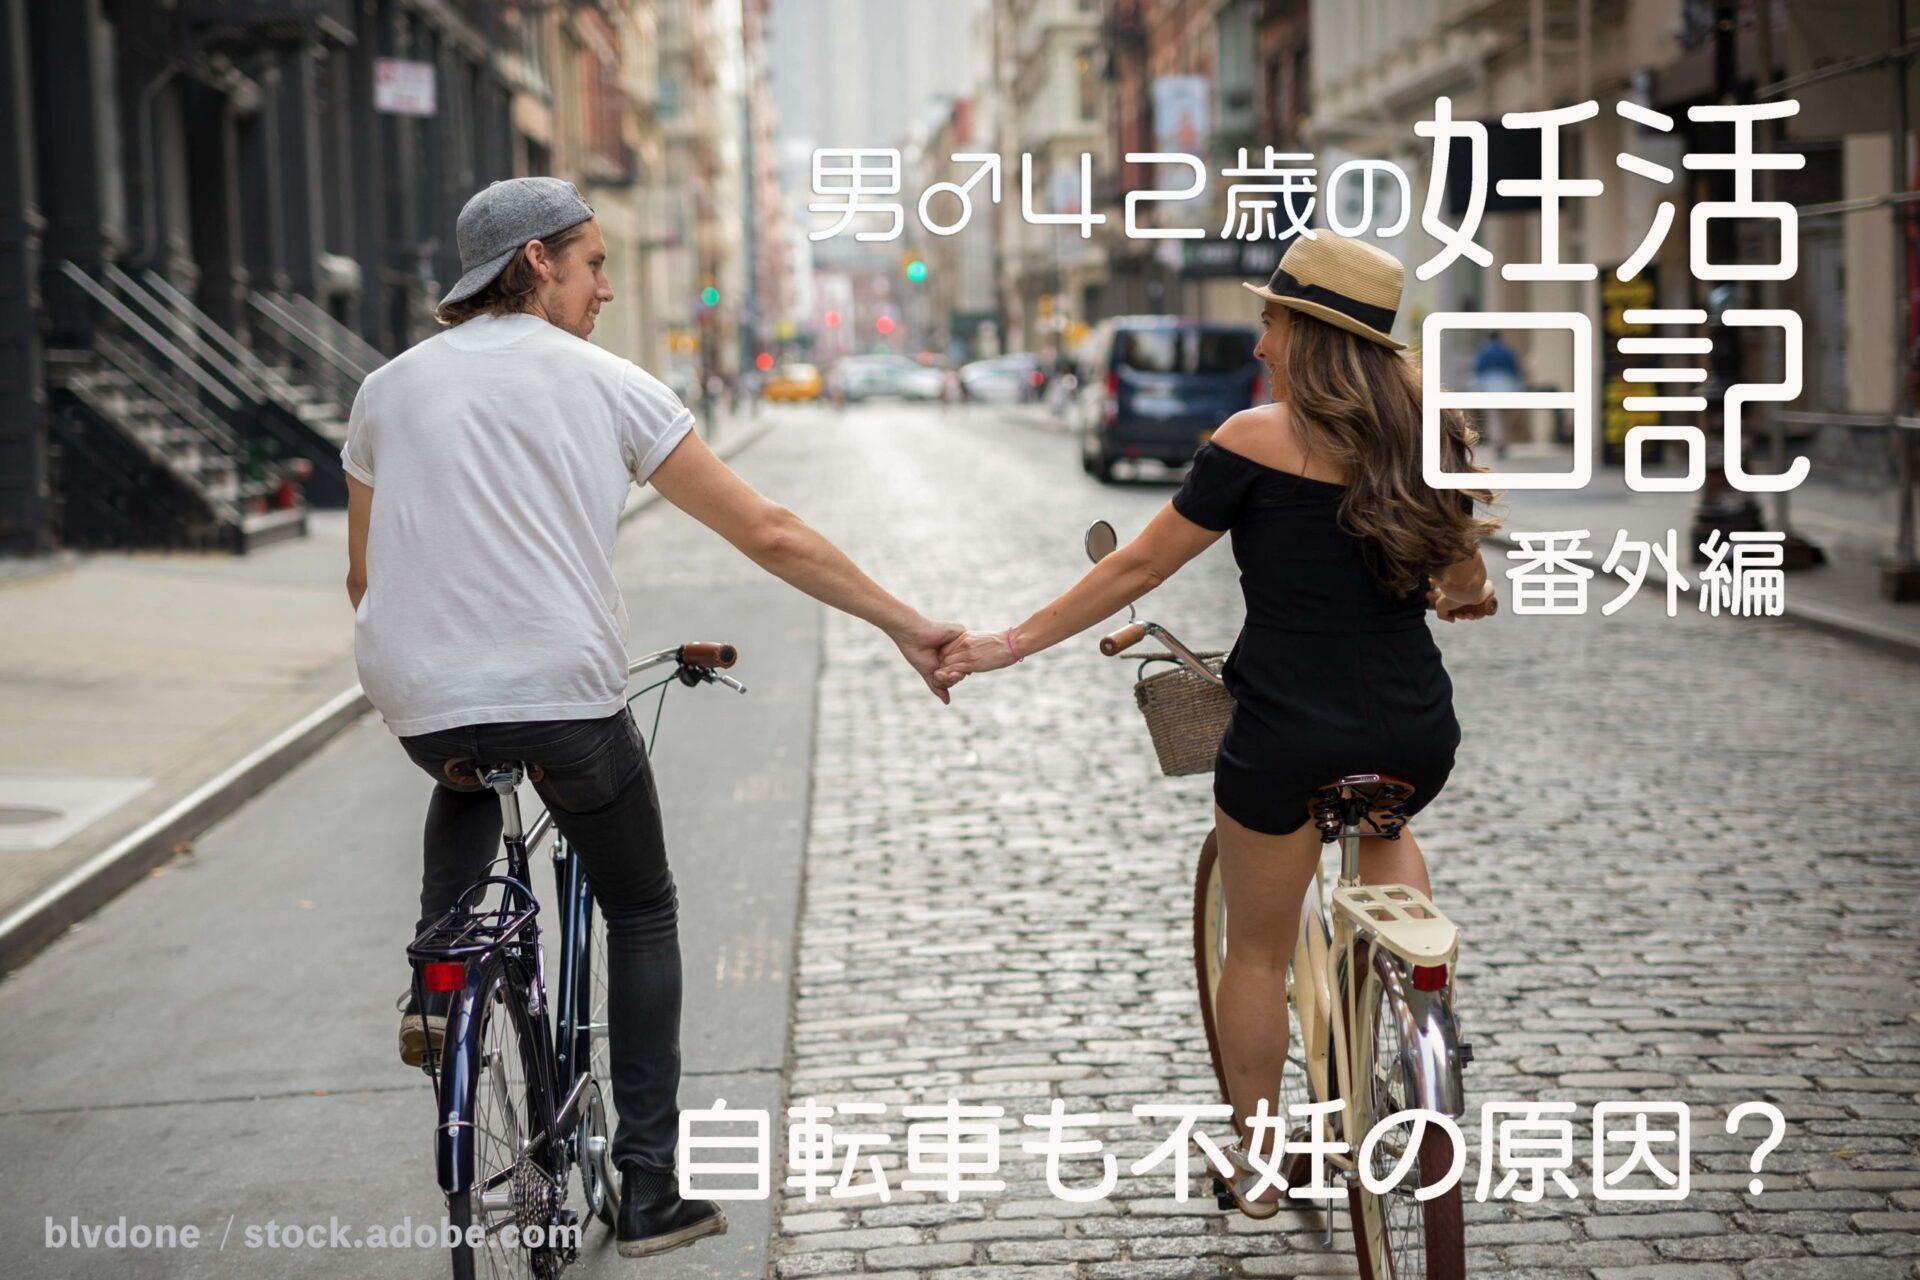 自転車ちょっと待った!精子に与える怖い影響と対策まとめ